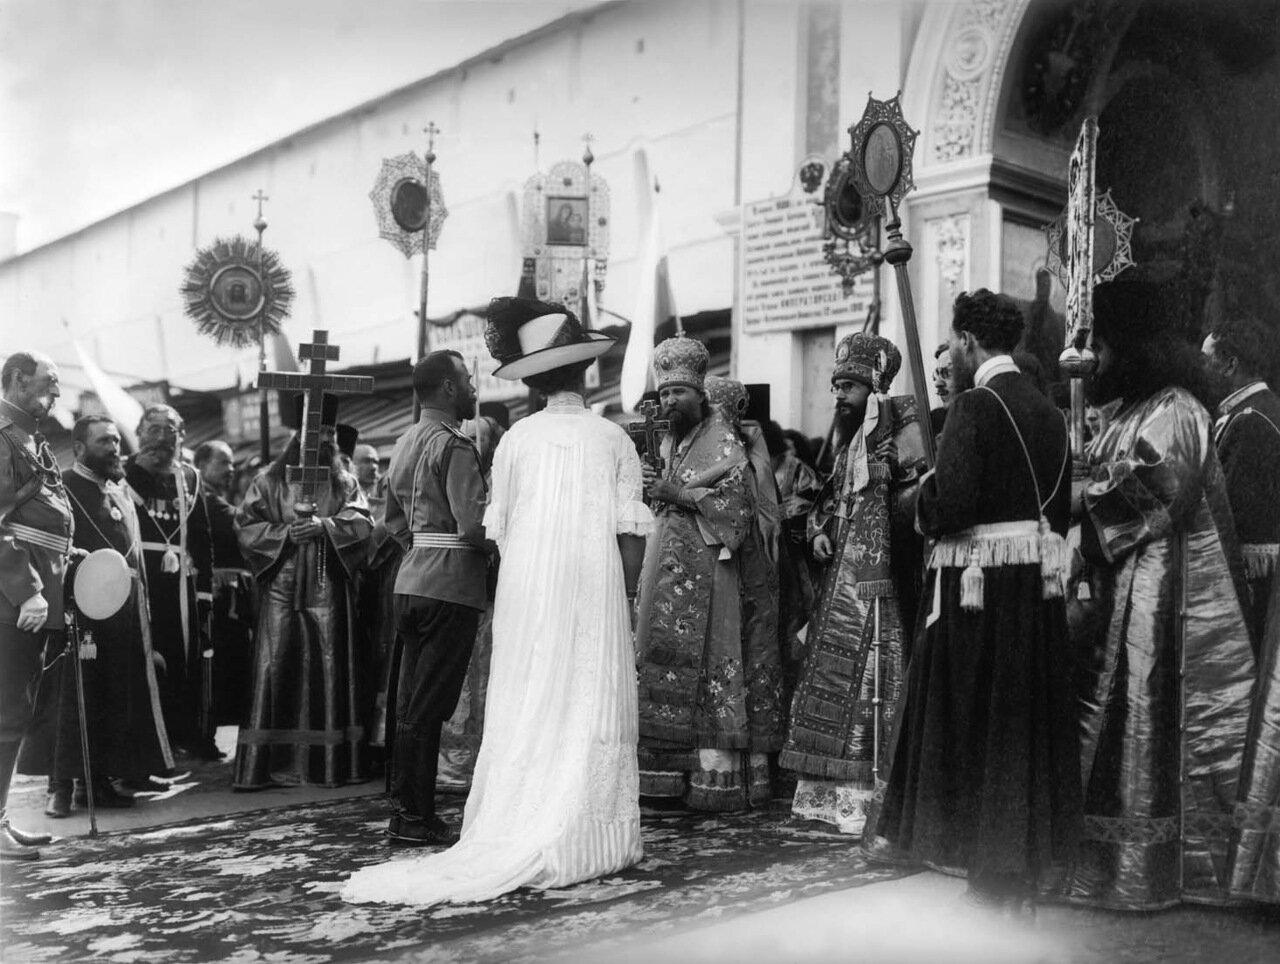 Император Николай II с императрицей в лавре